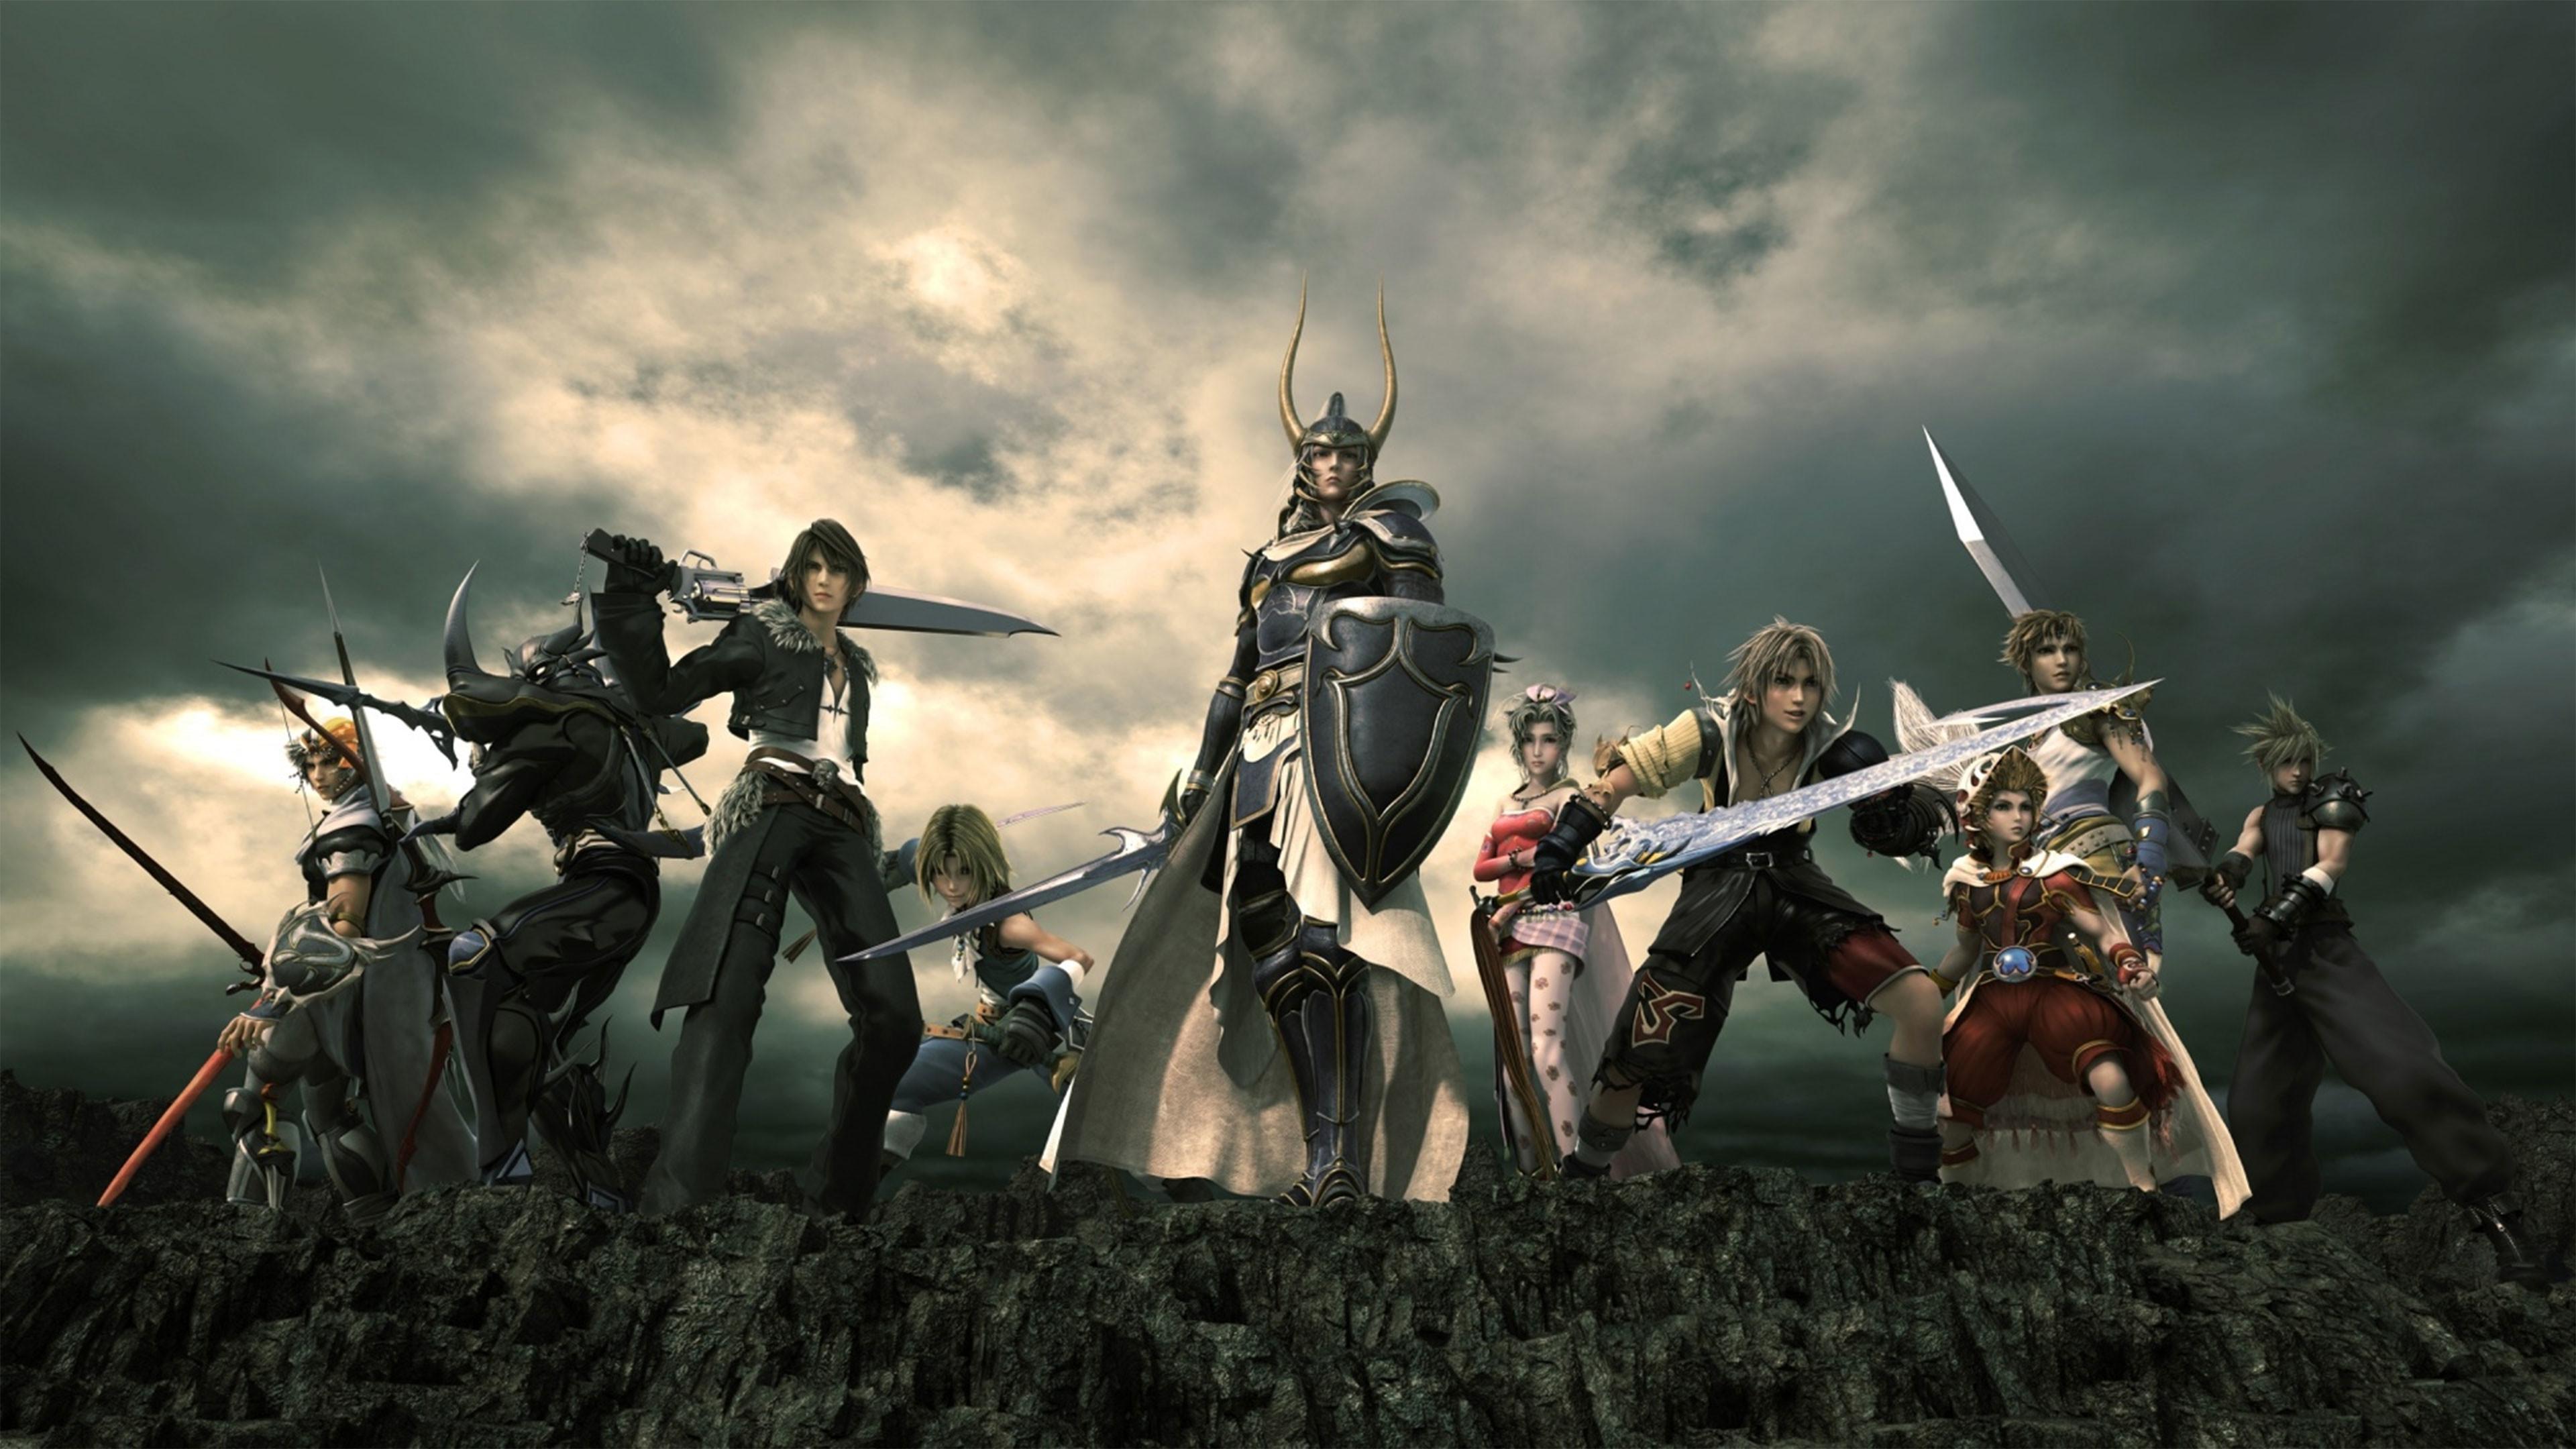 Final Fantasy XV 4K Wallpaper …